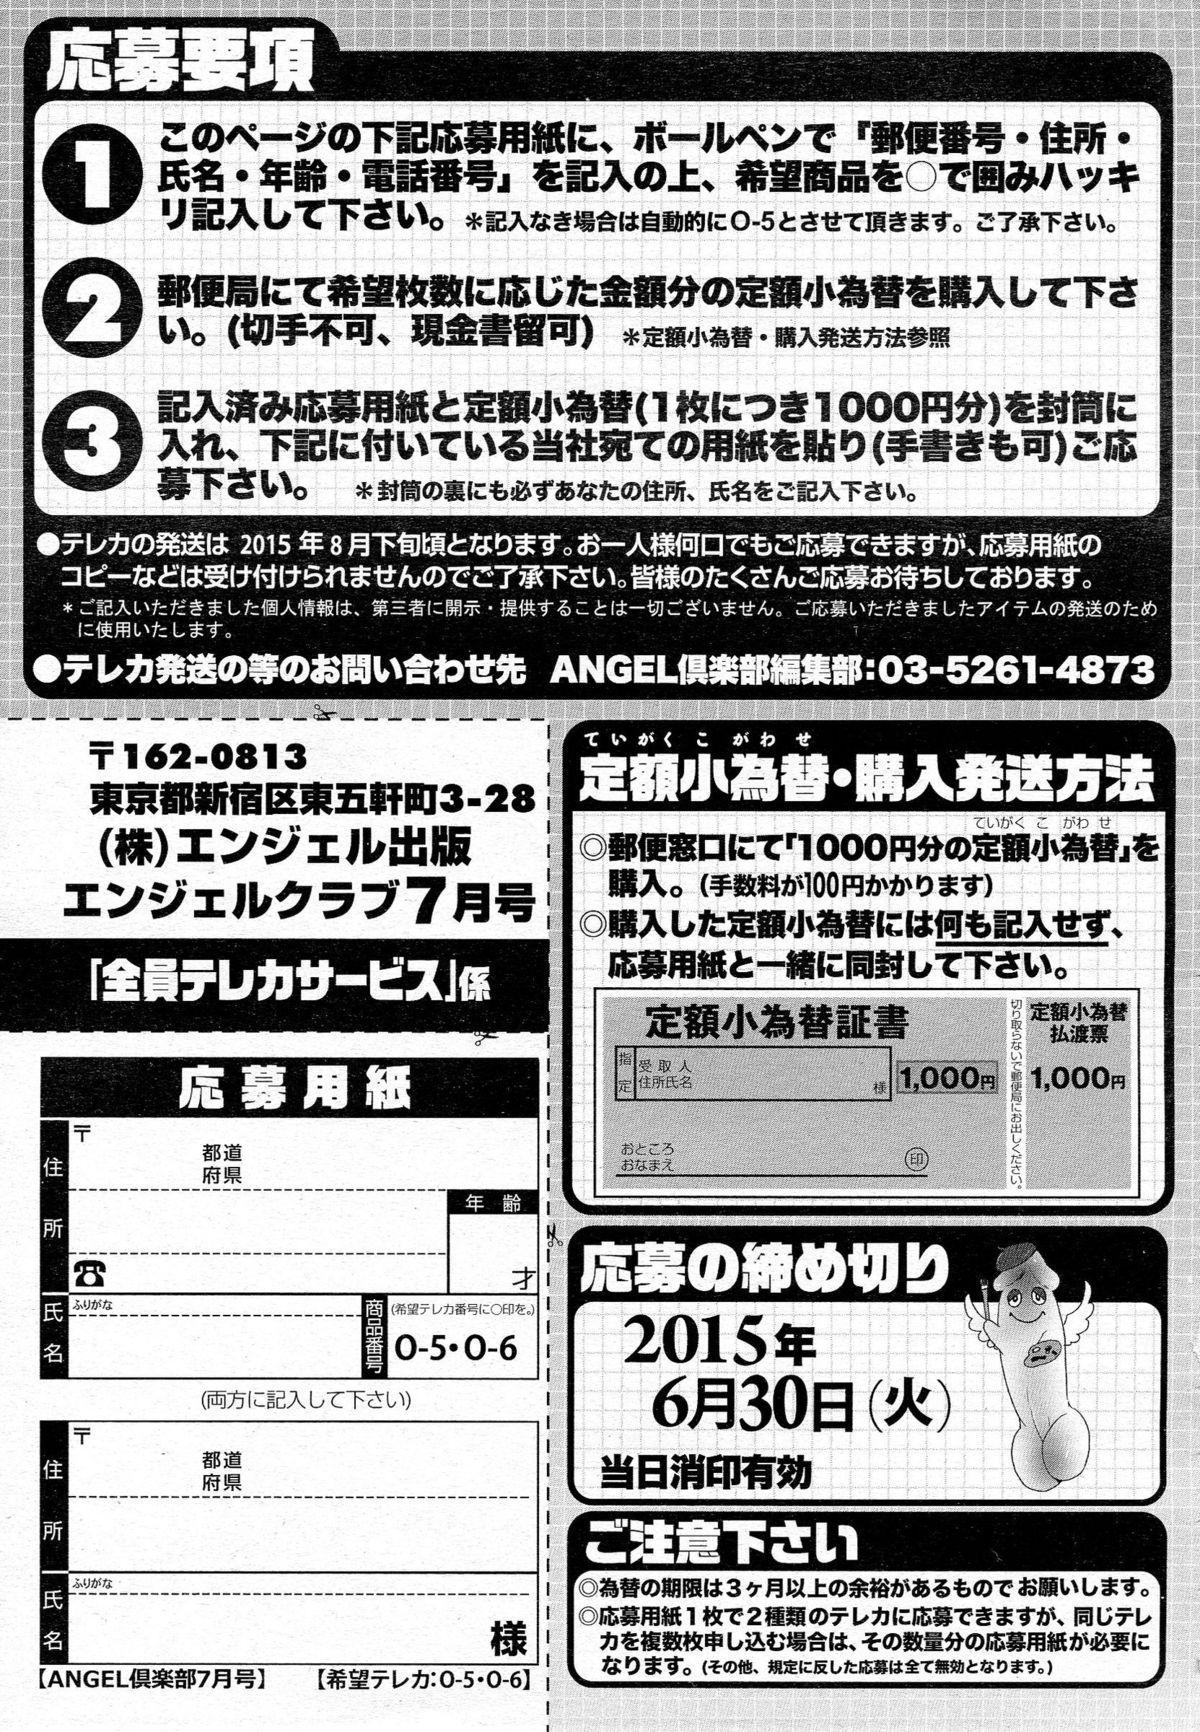 ANGEL Club 2015-07 206